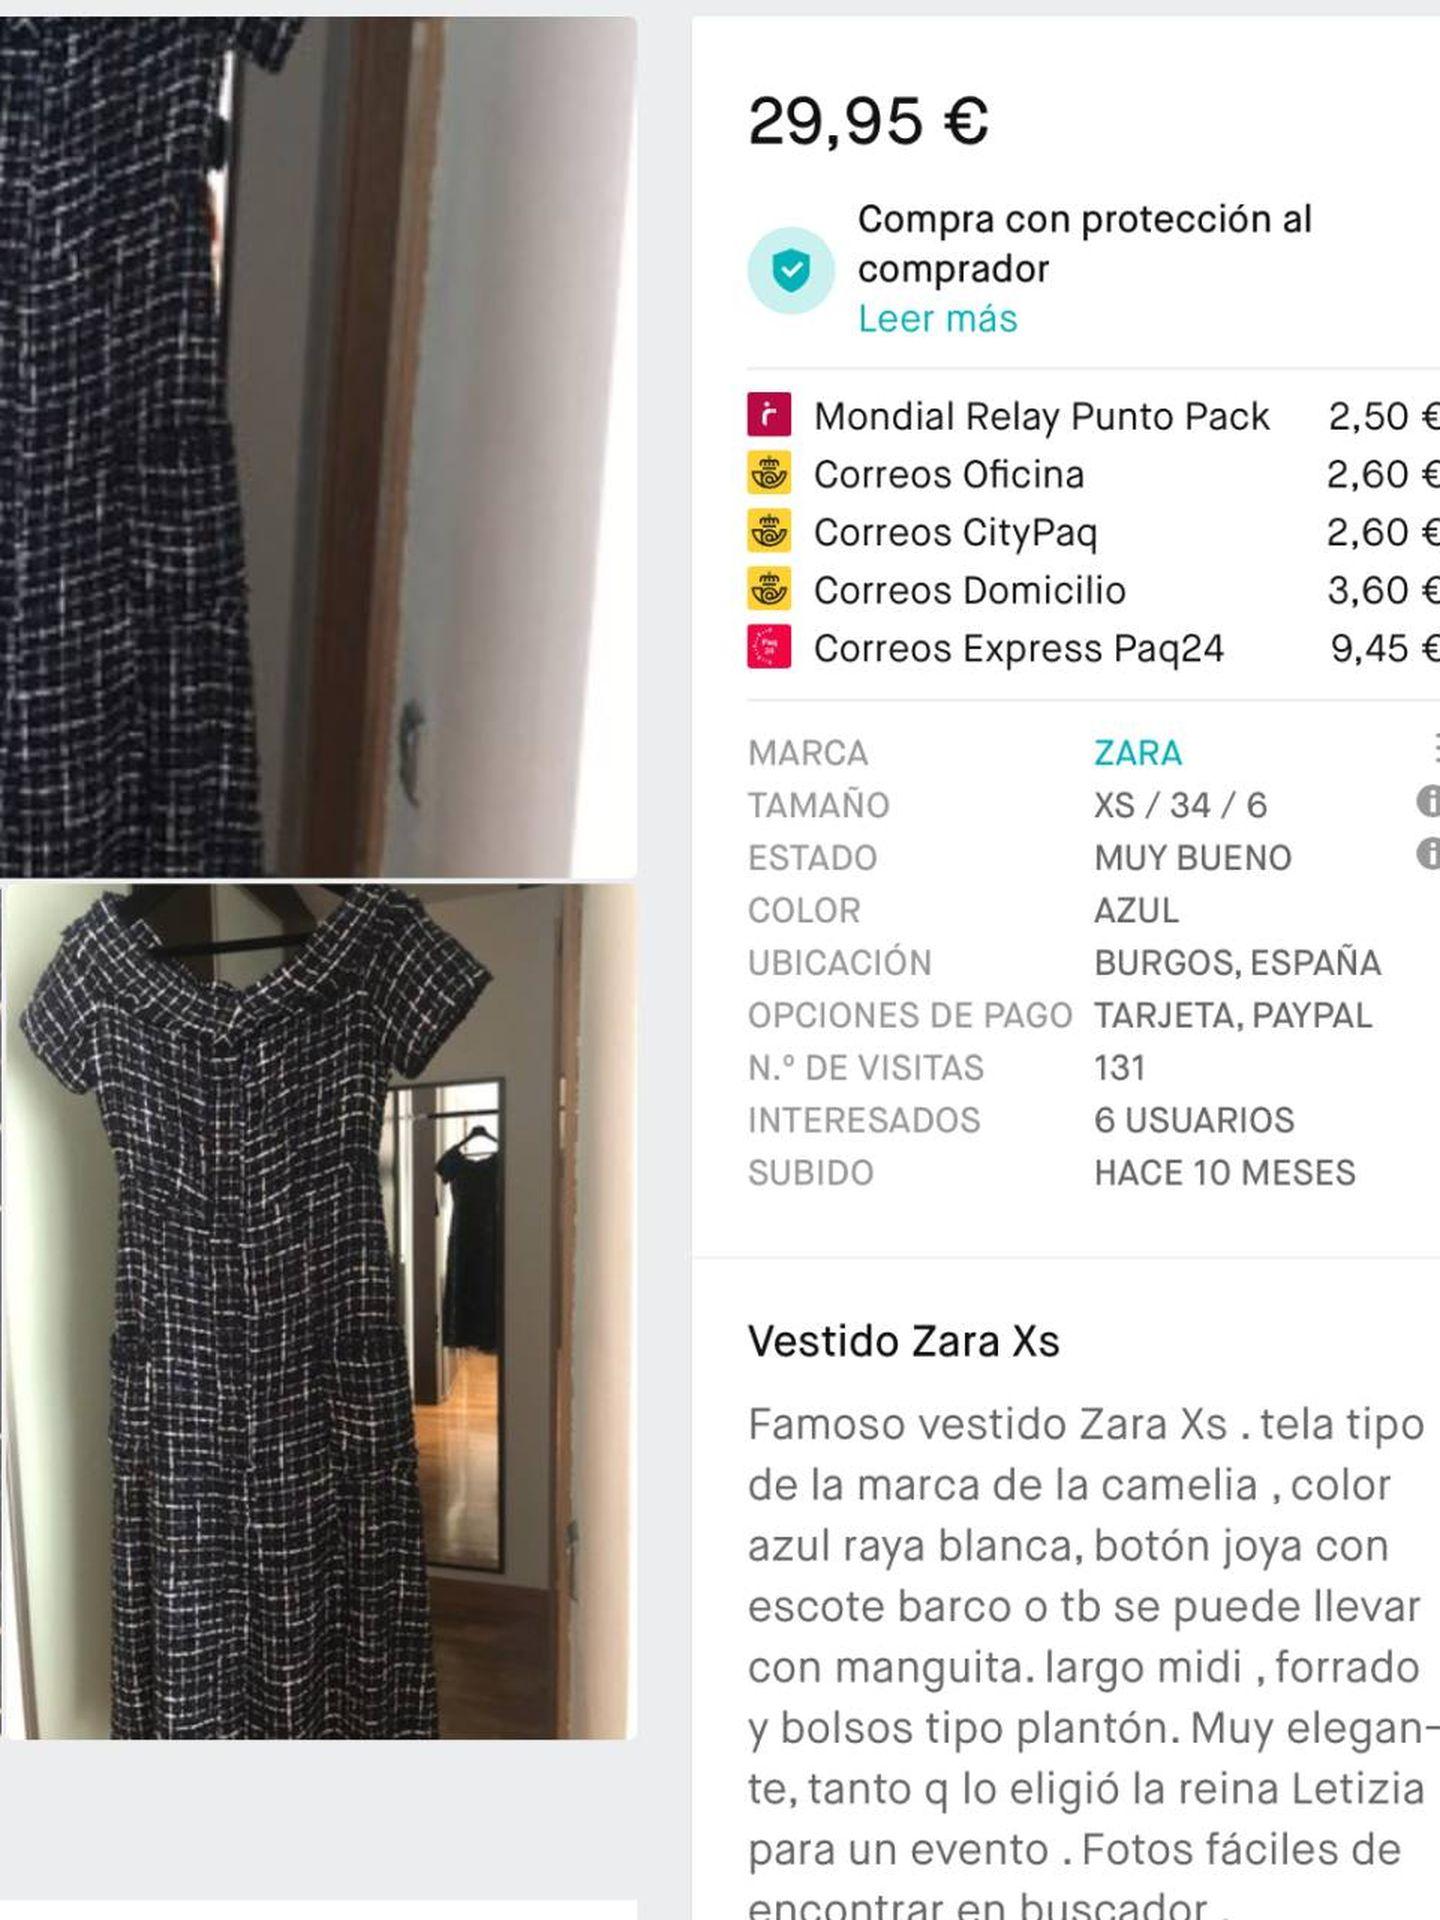 El vestido de Zara a la venta en Vinted.